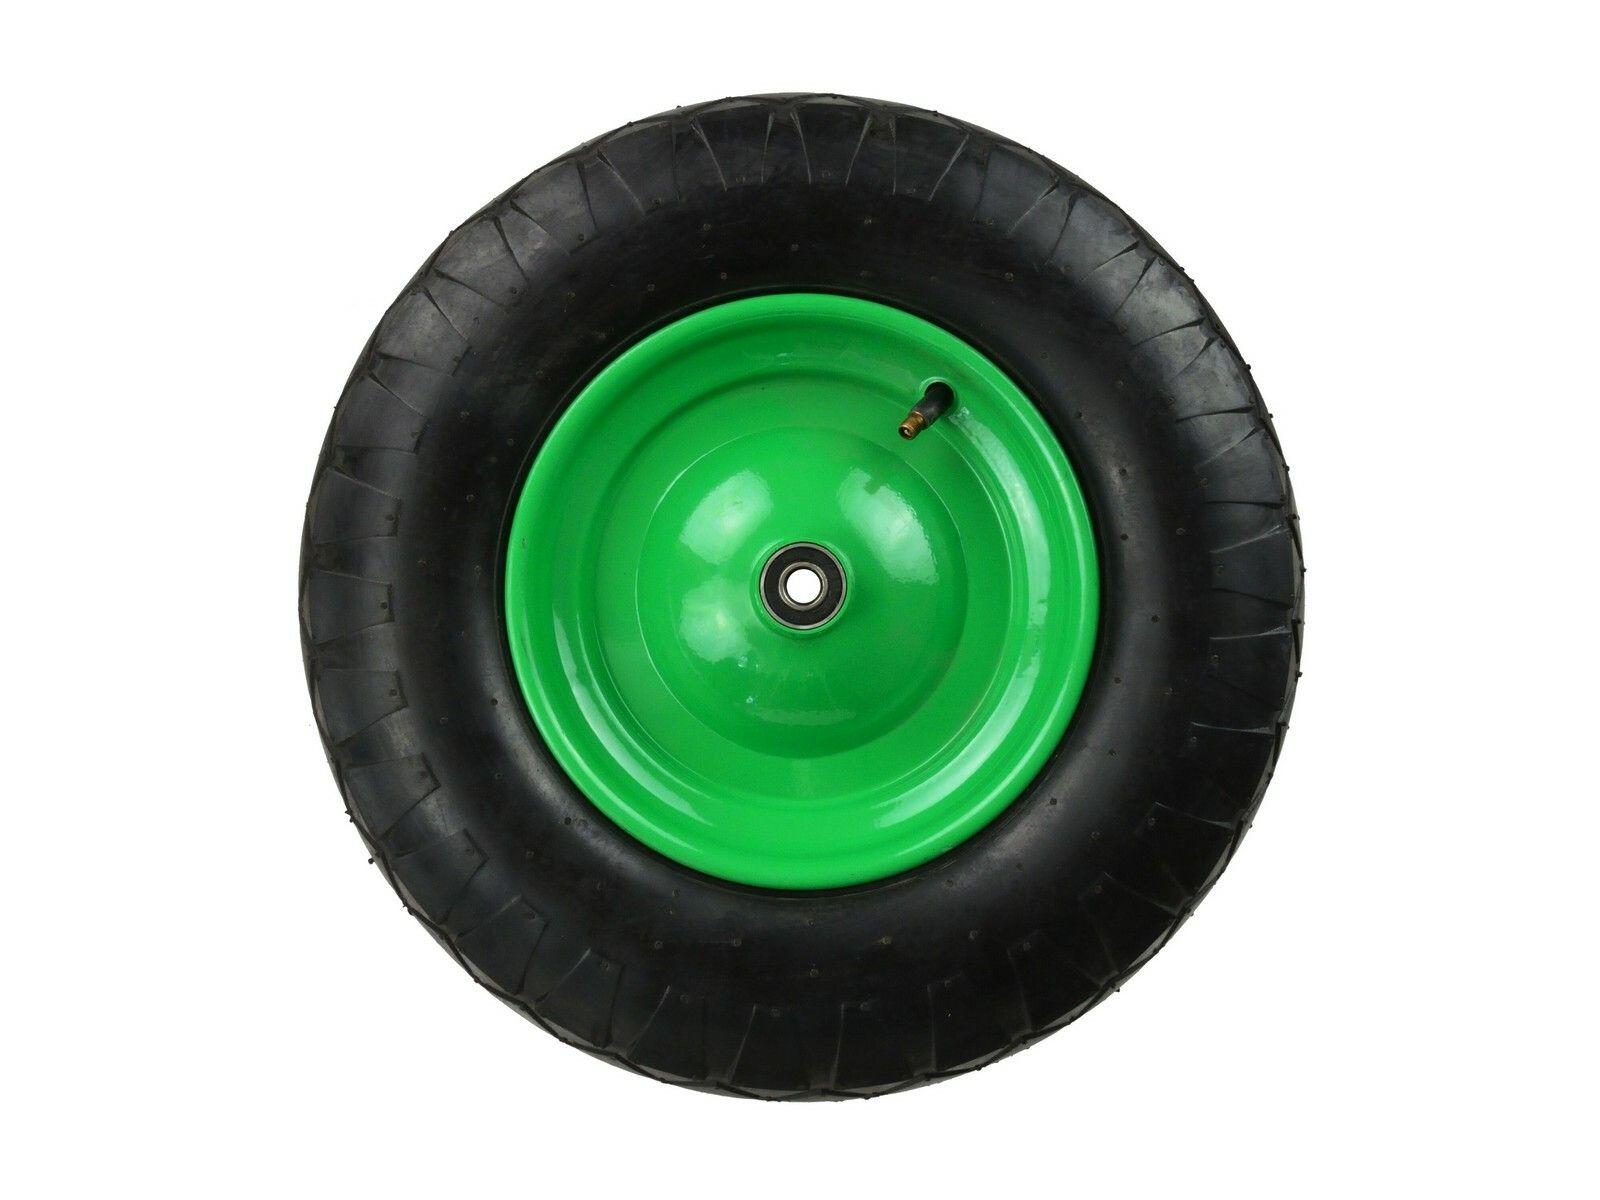 Gumové kolo do vozíku, 390x85 mm, průměr středu 220 mm GEKO